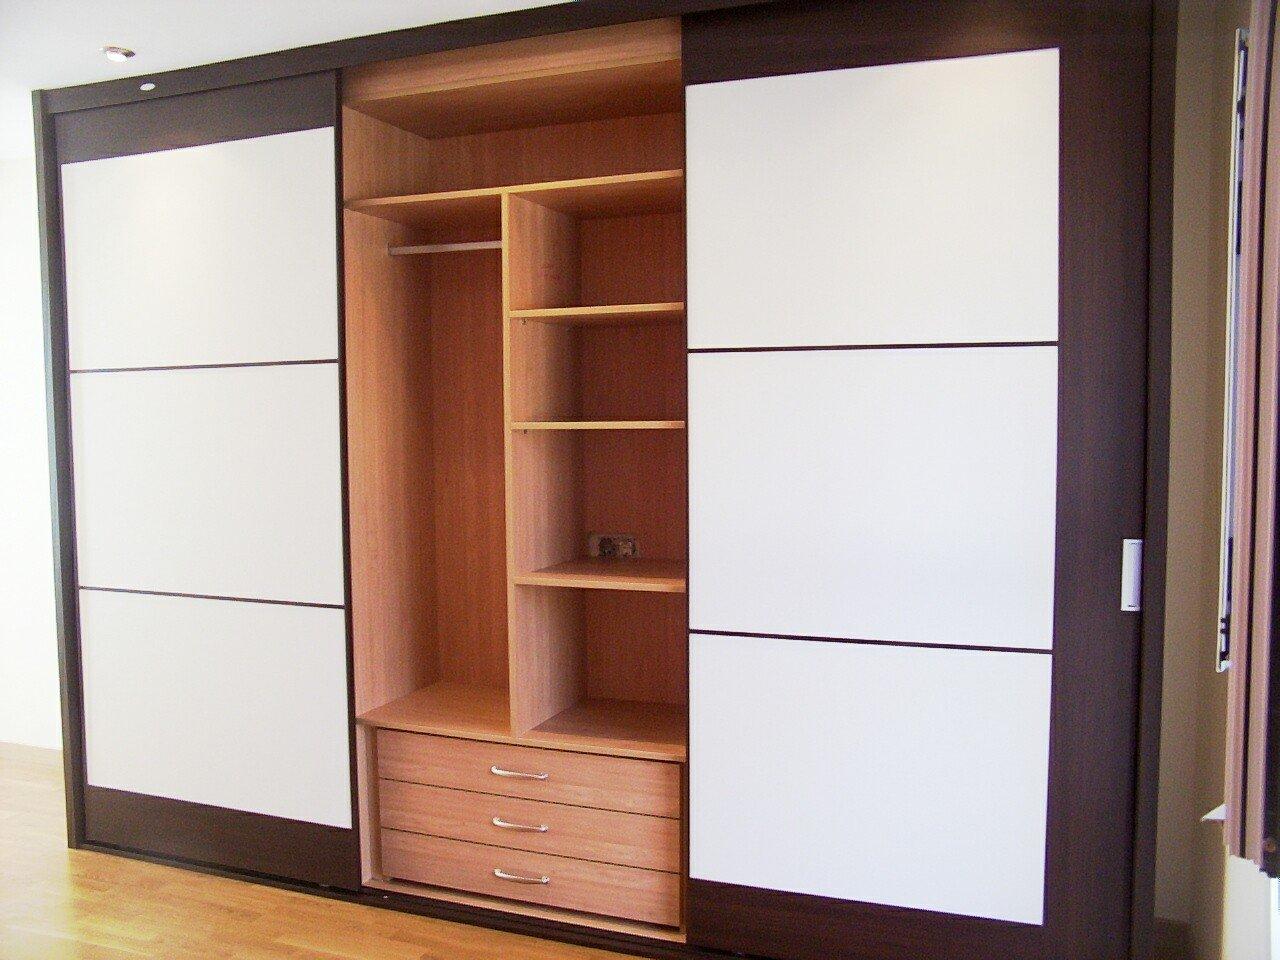 Carpintero en Almería (PROFESIONALES) Muebles a medida